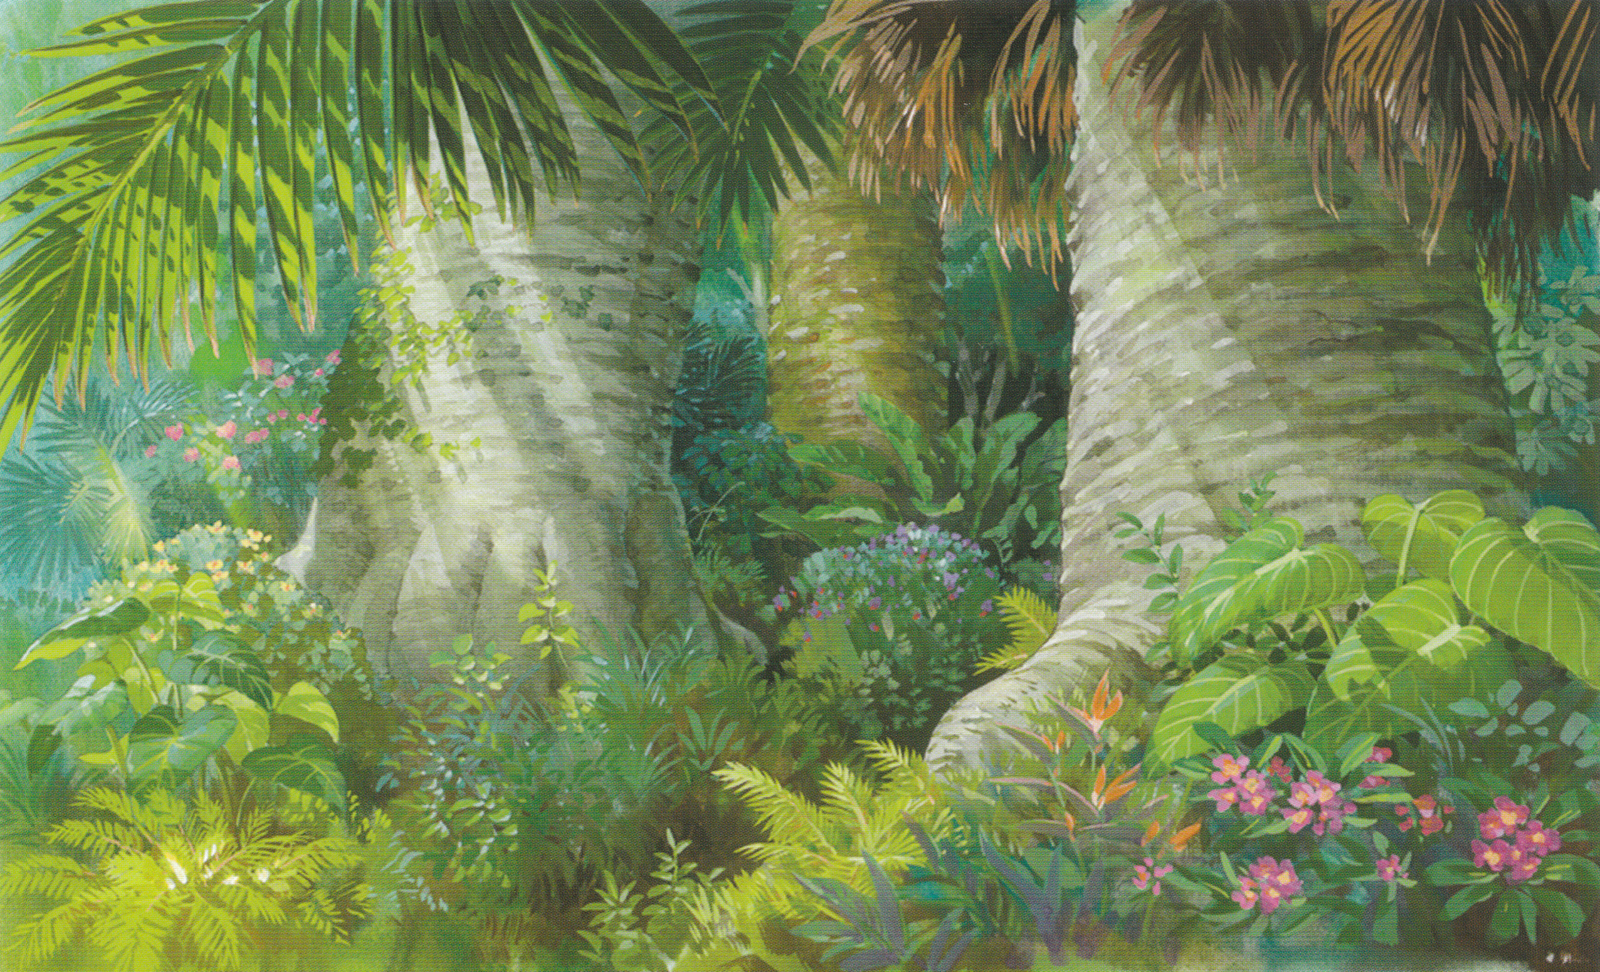 Wallpaper garden